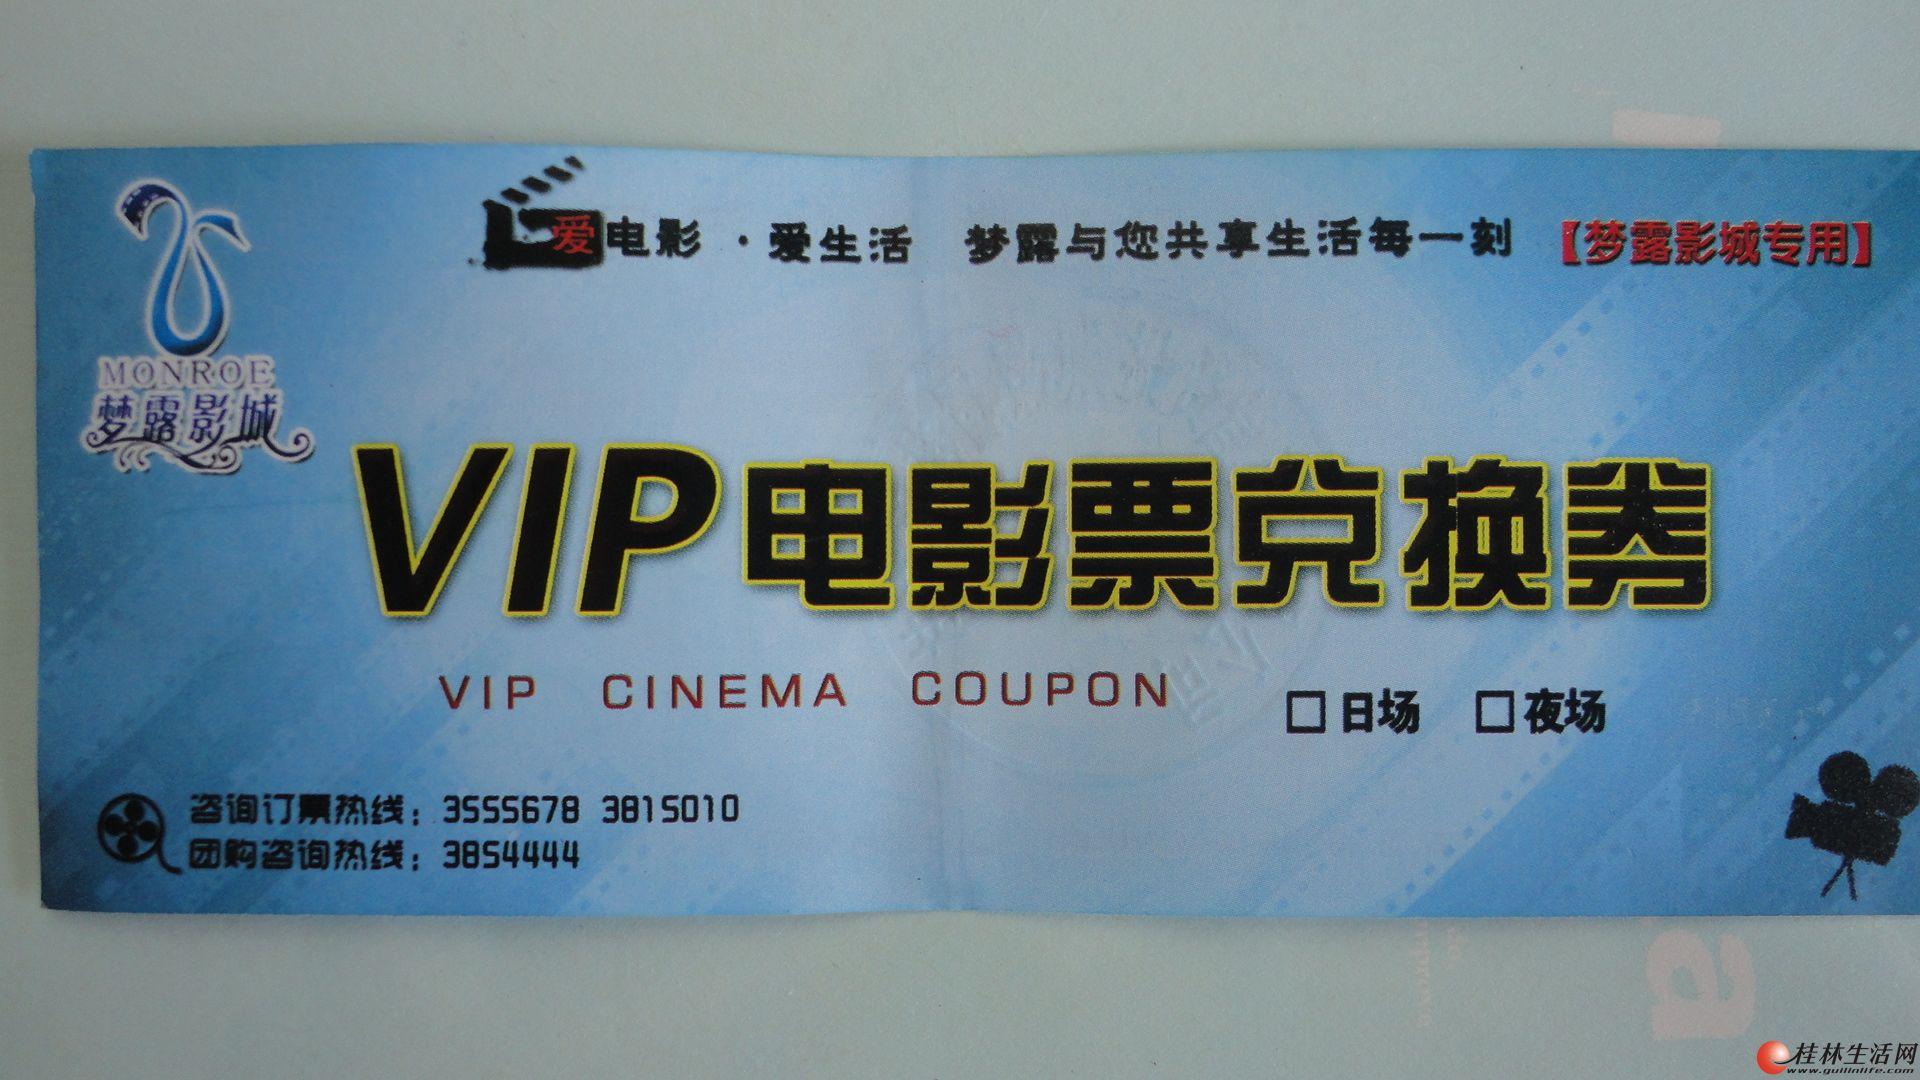 桂林梦露影城vip电影票兑换卷图片